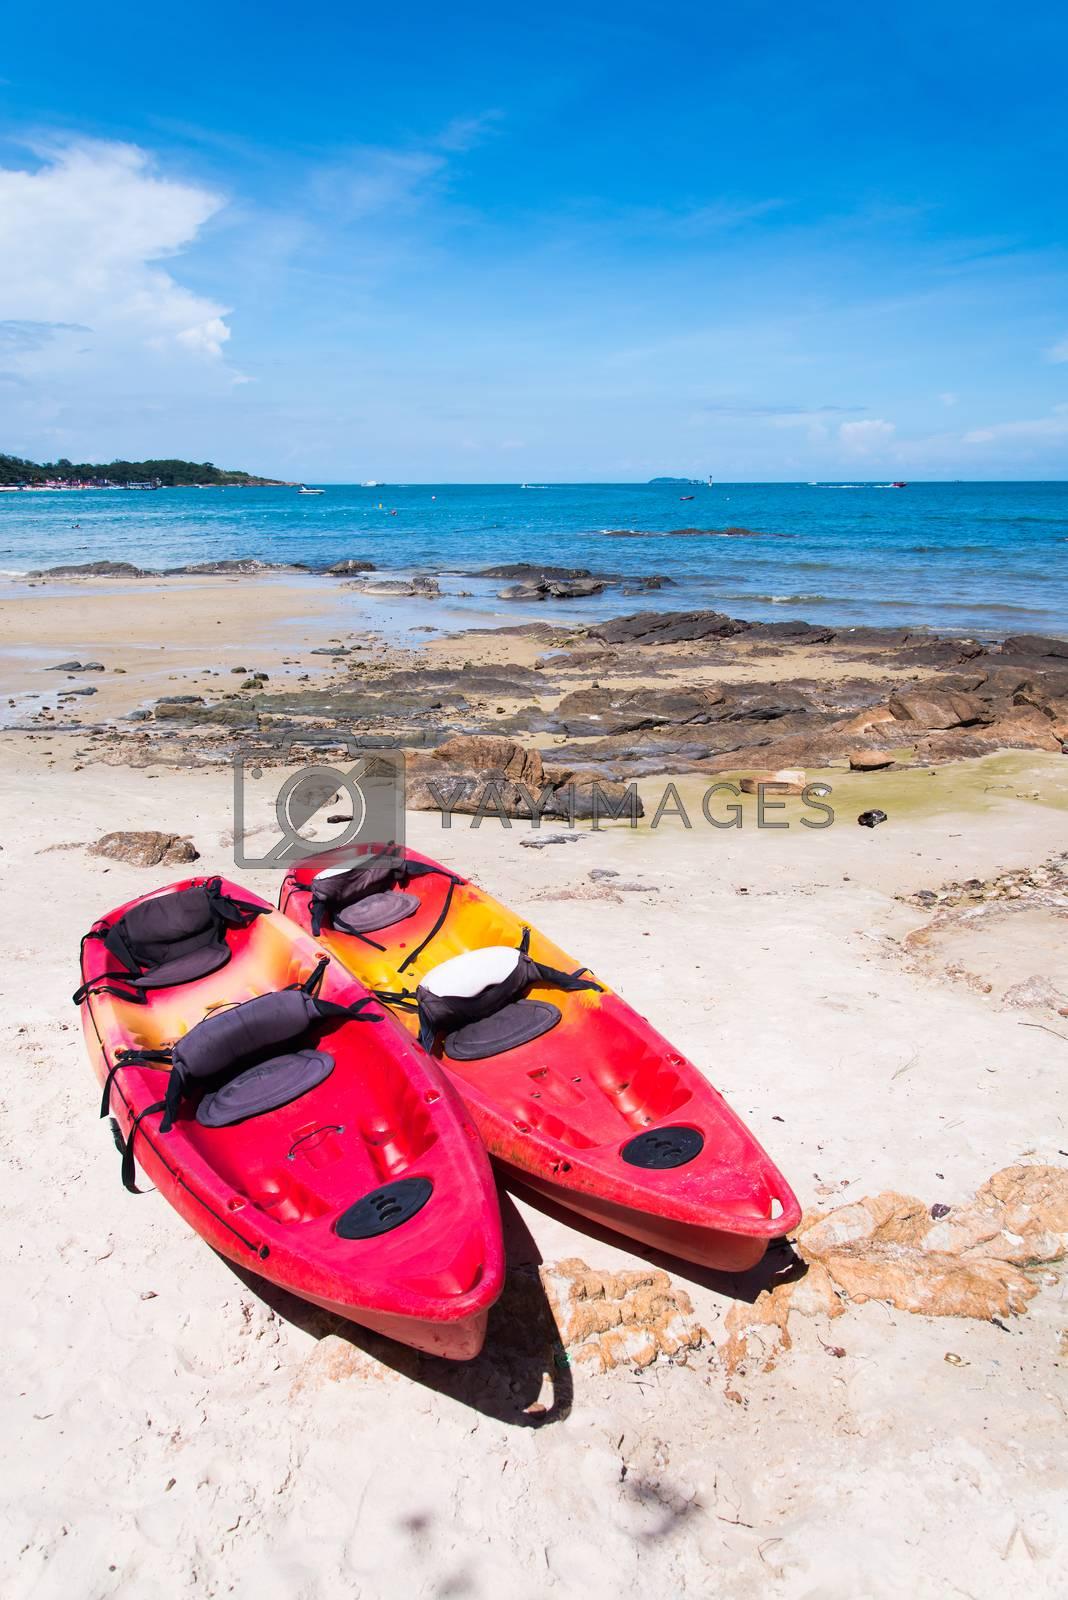 Kayaks on the tropical beach, Mu Koh Samet - Khao Laem Ya Nation by jakgree